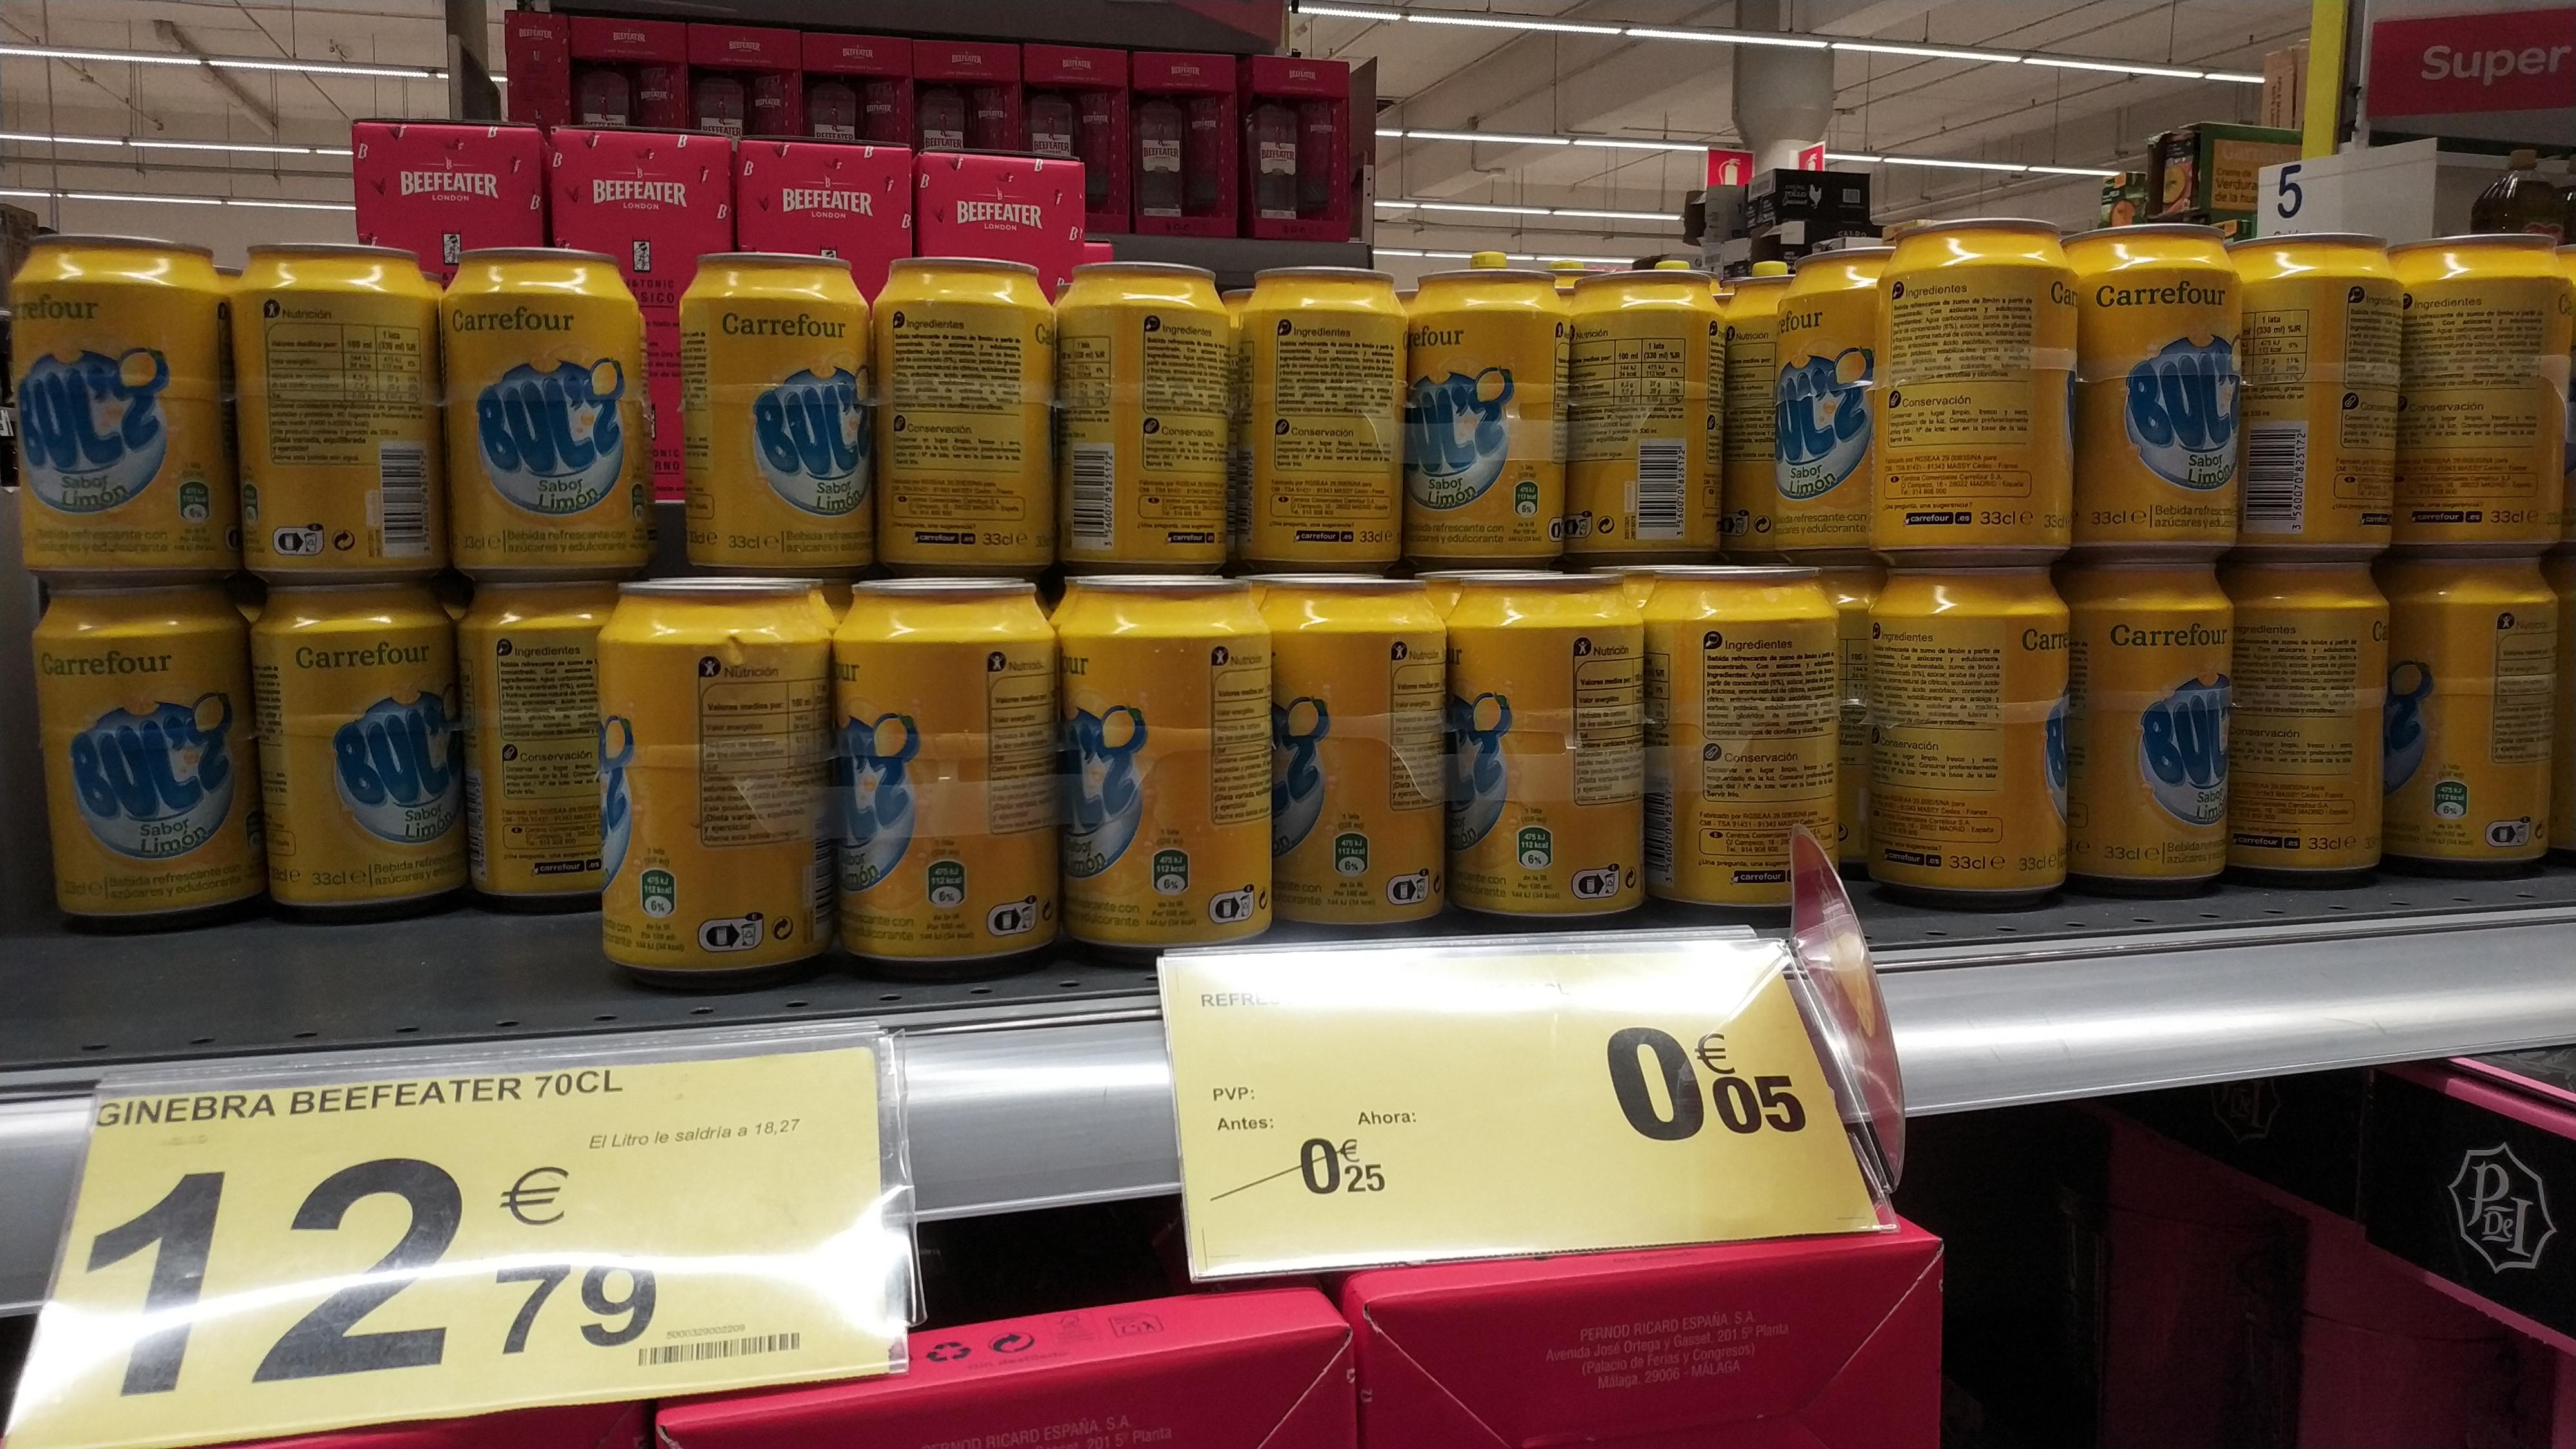 Refresco de limón Carrefour lata a 0.05€ (Carrefour travesía de Vigo)